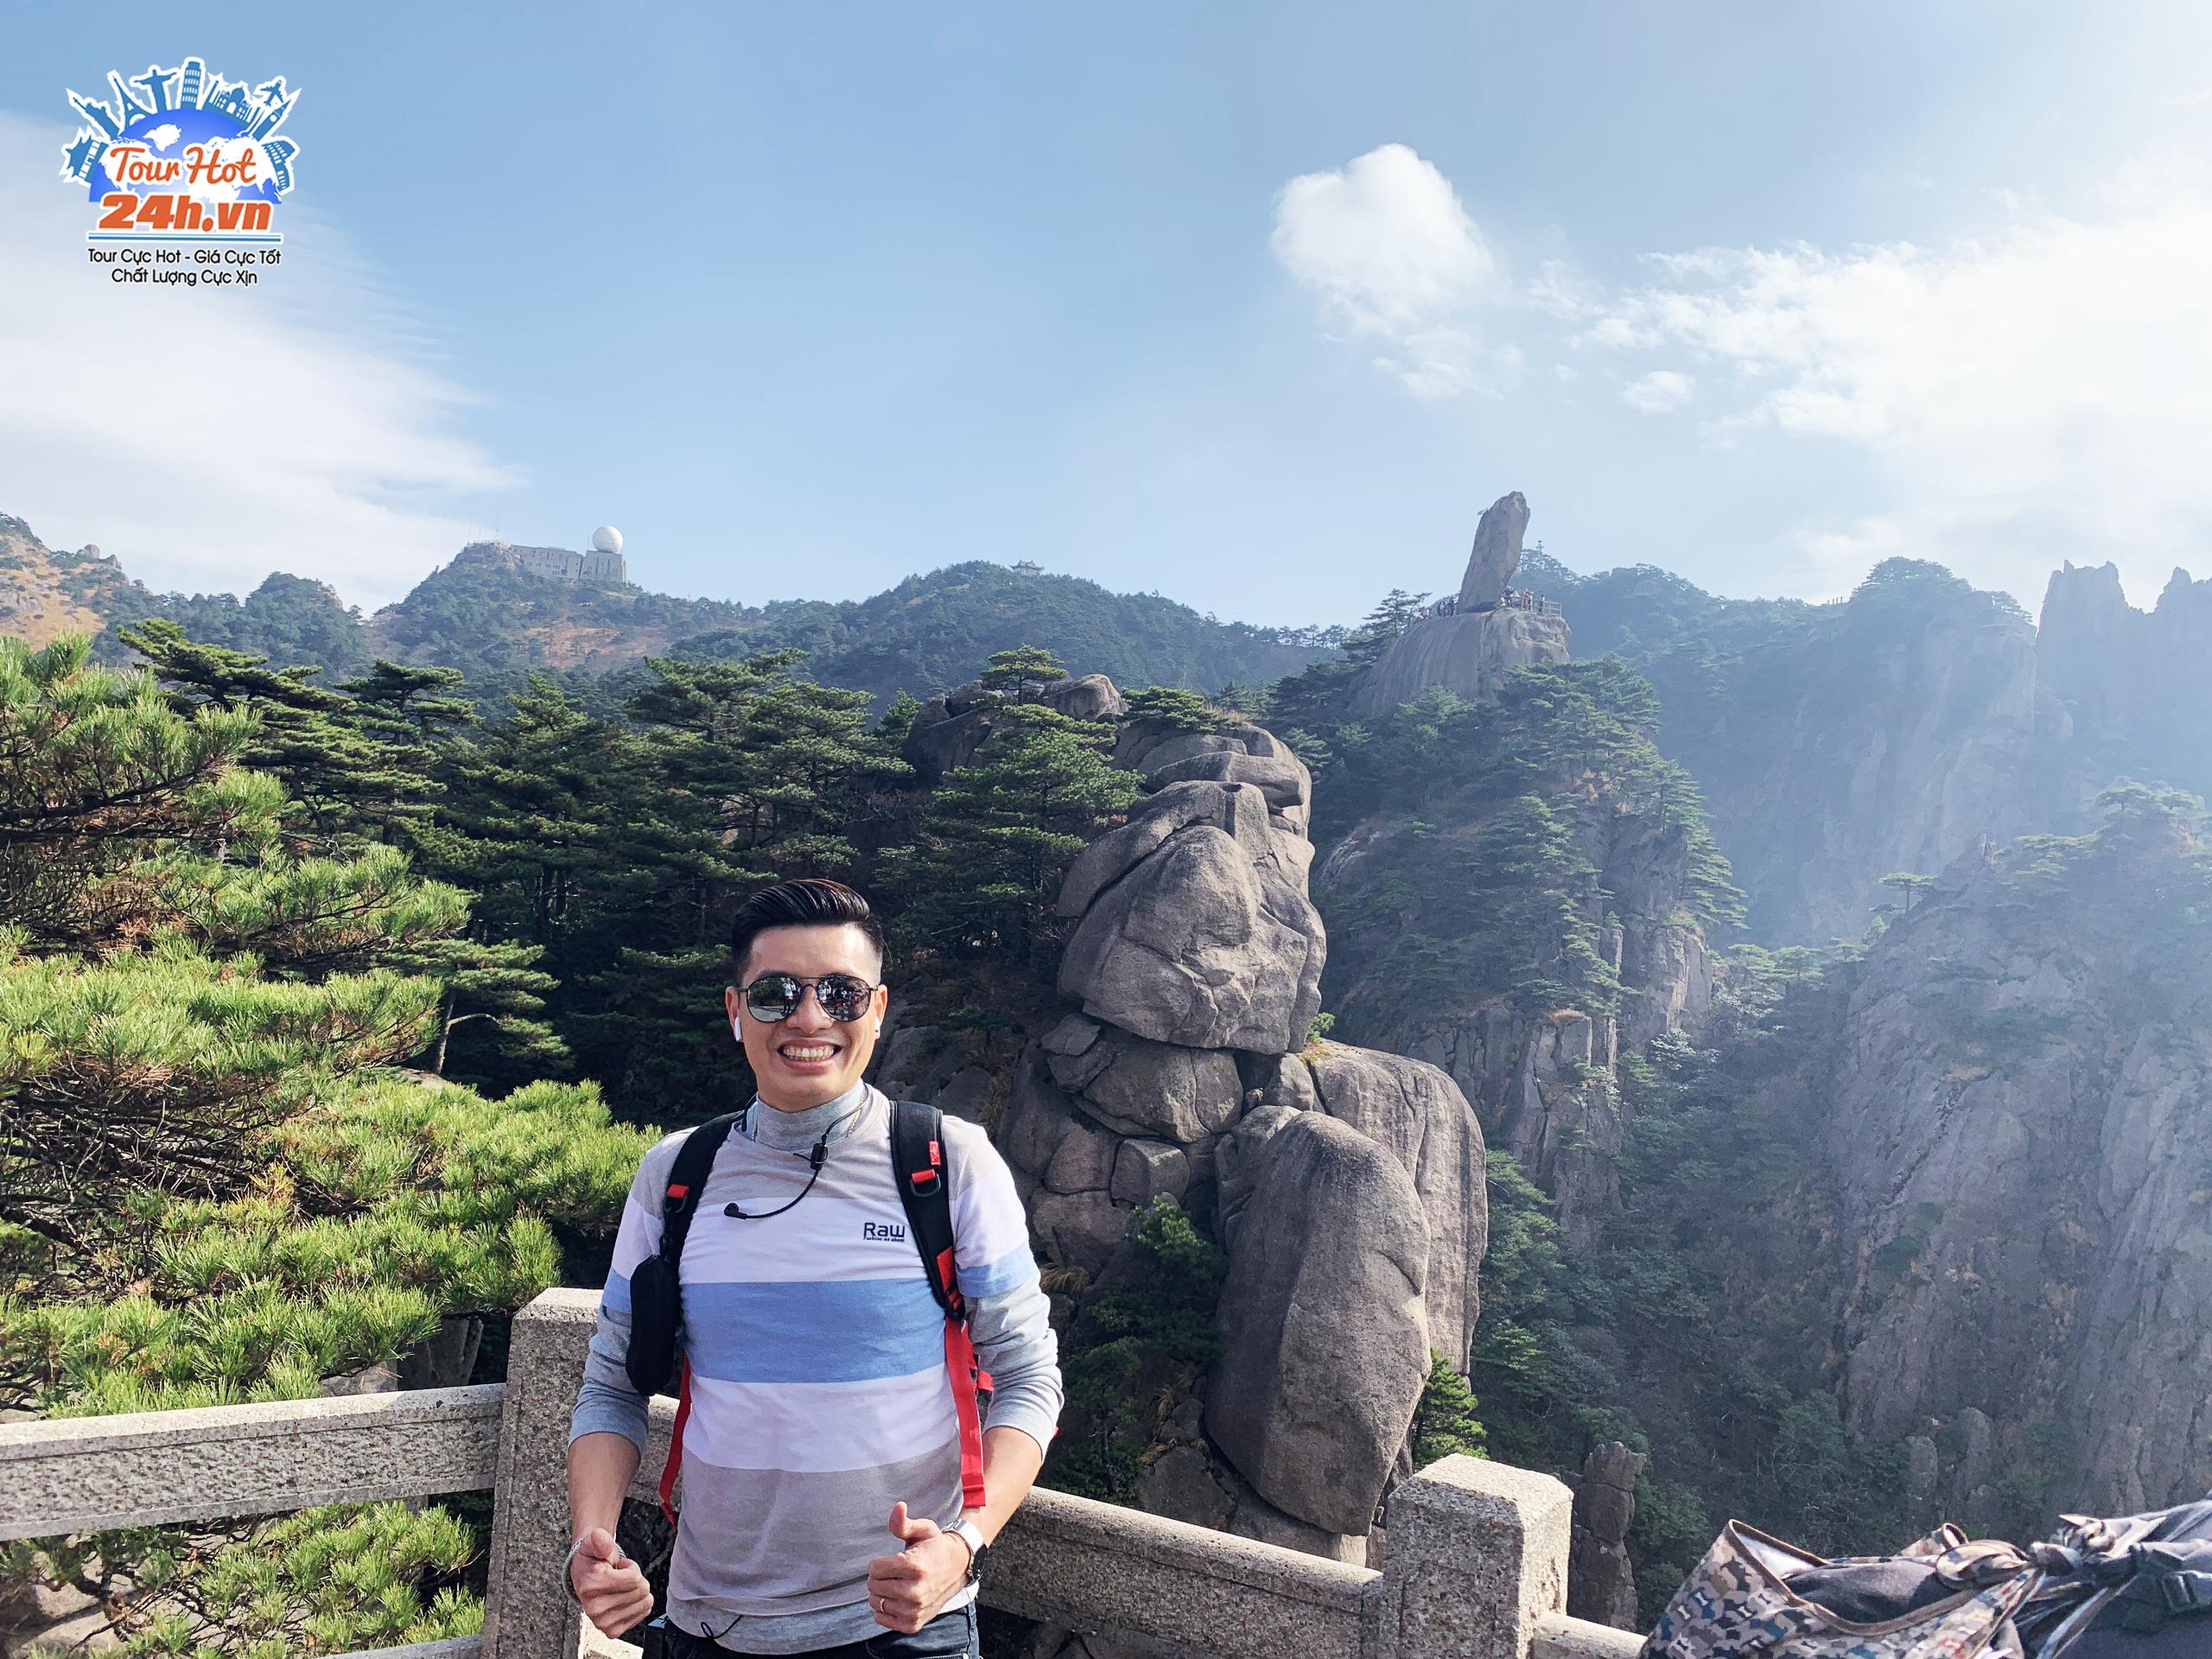 khach-hang-tour-hoang-son-bay-thang